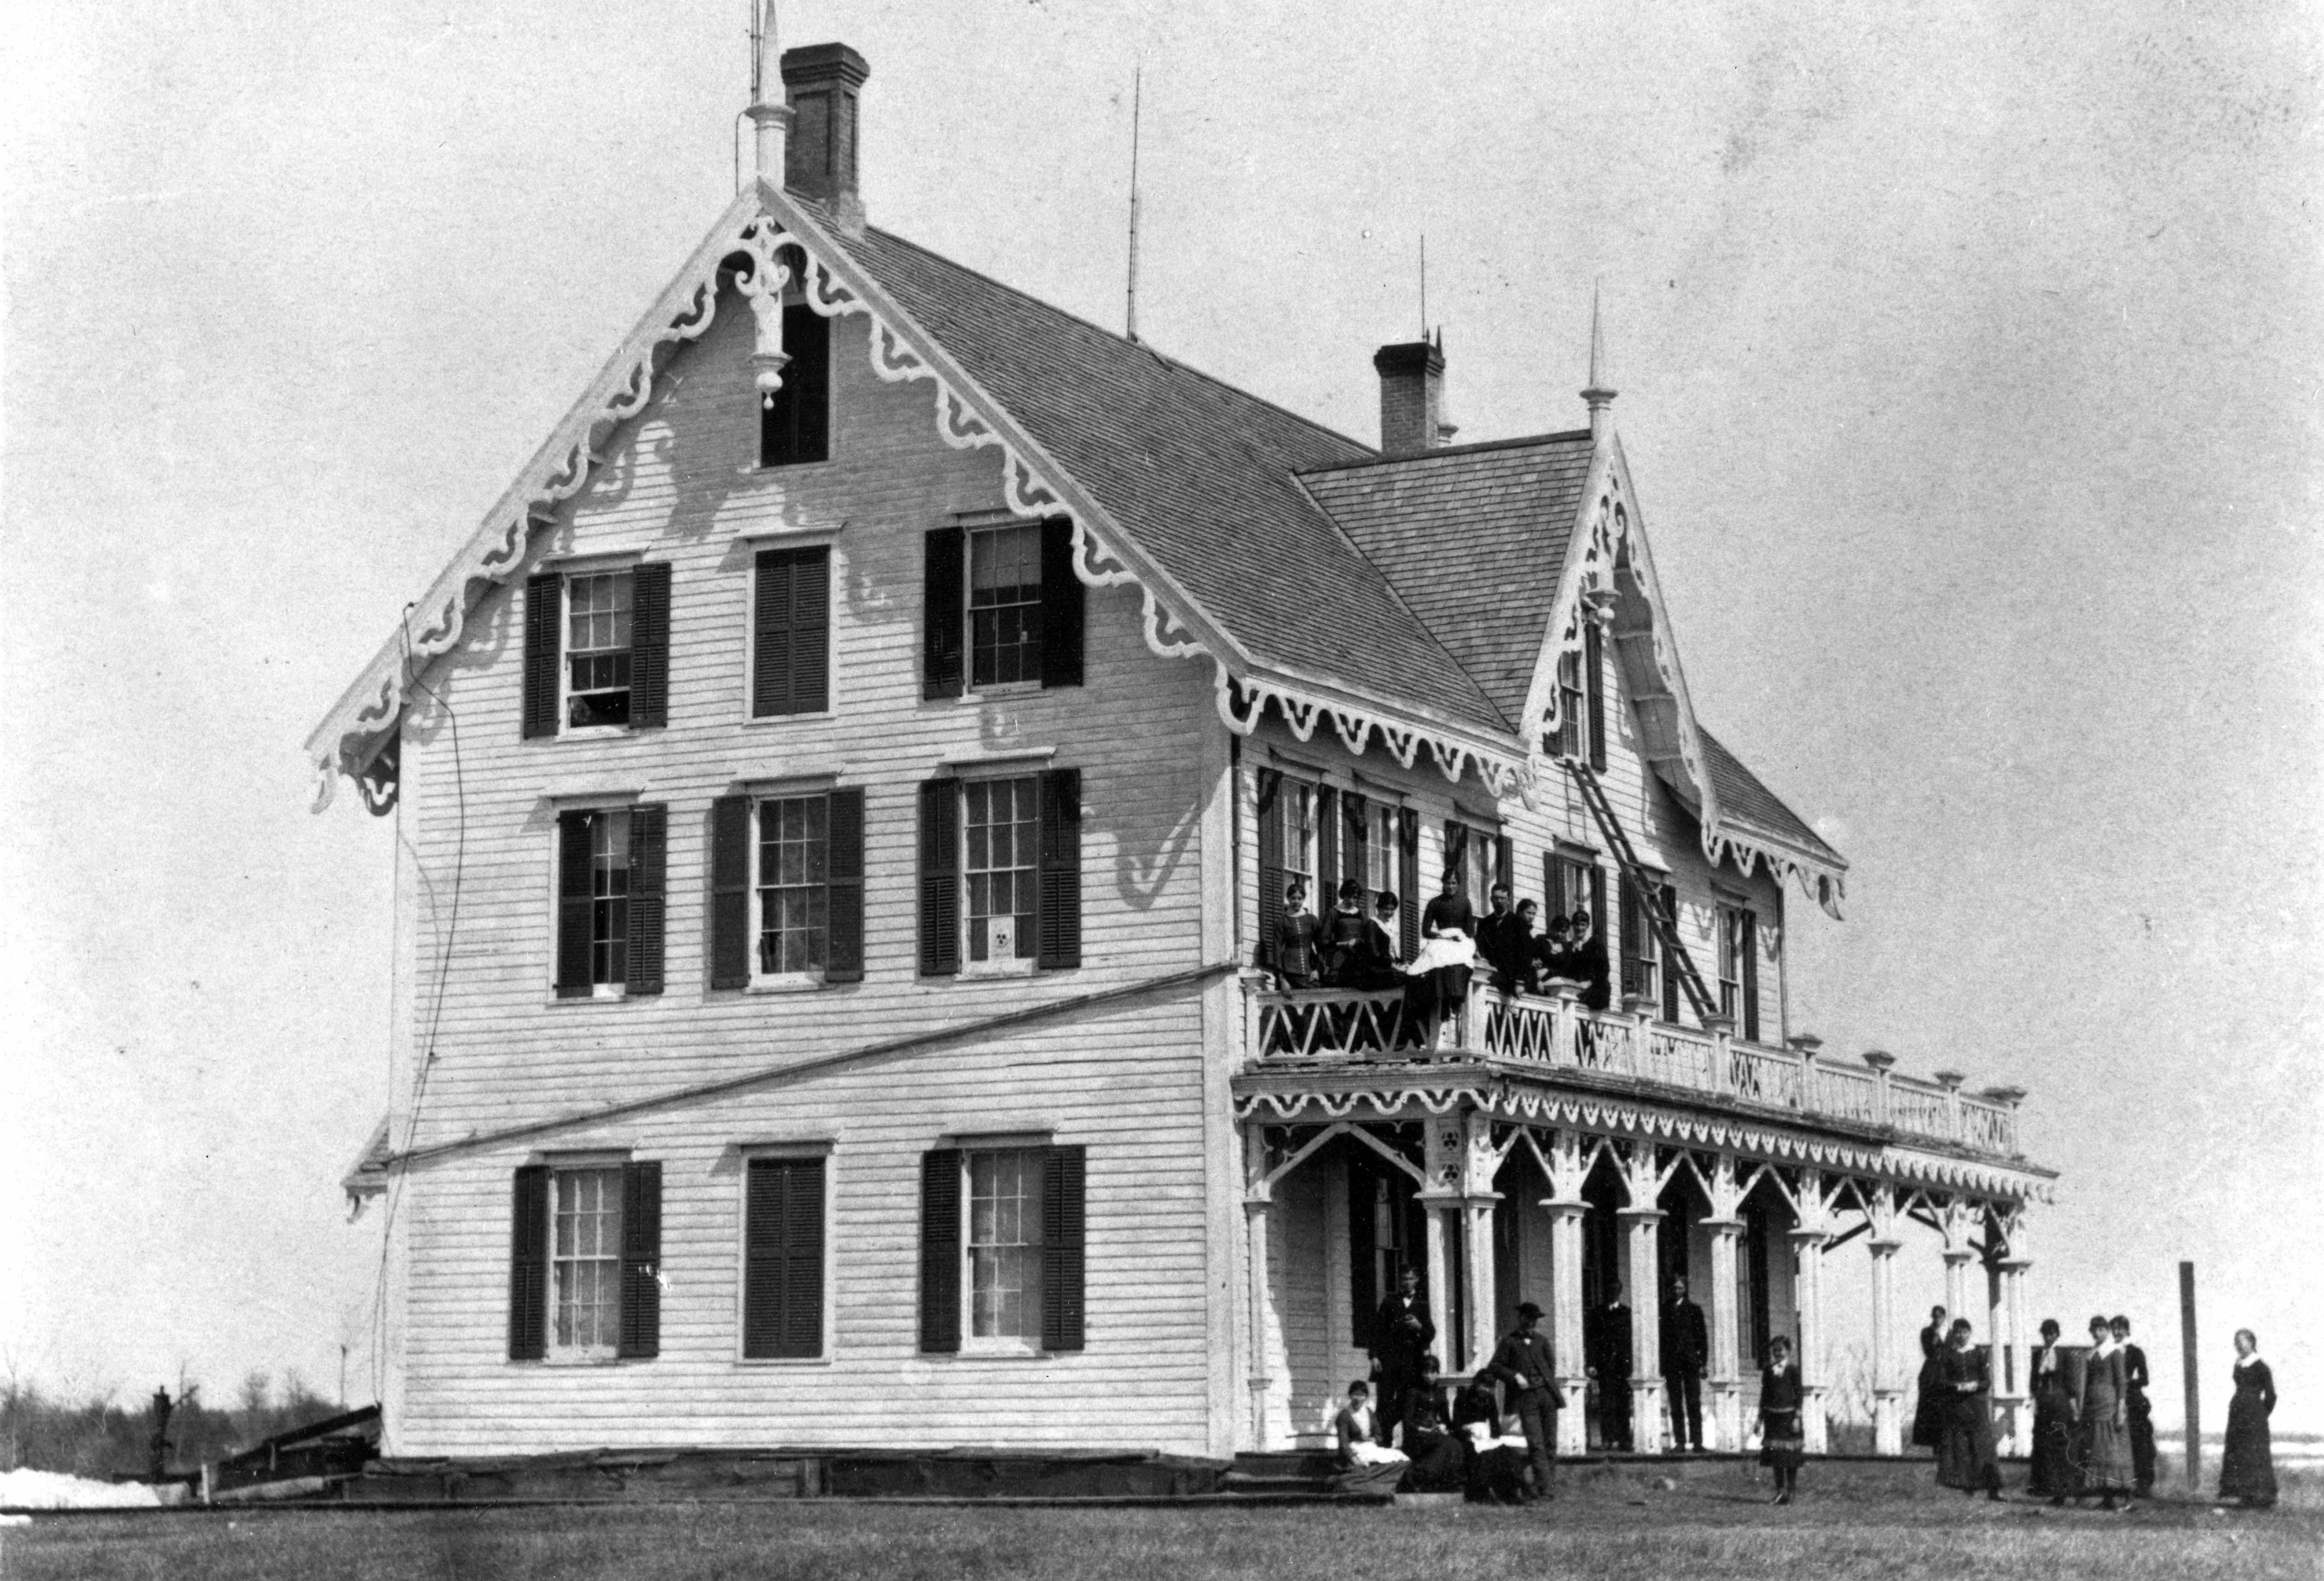 Stearns House, 1869-1874